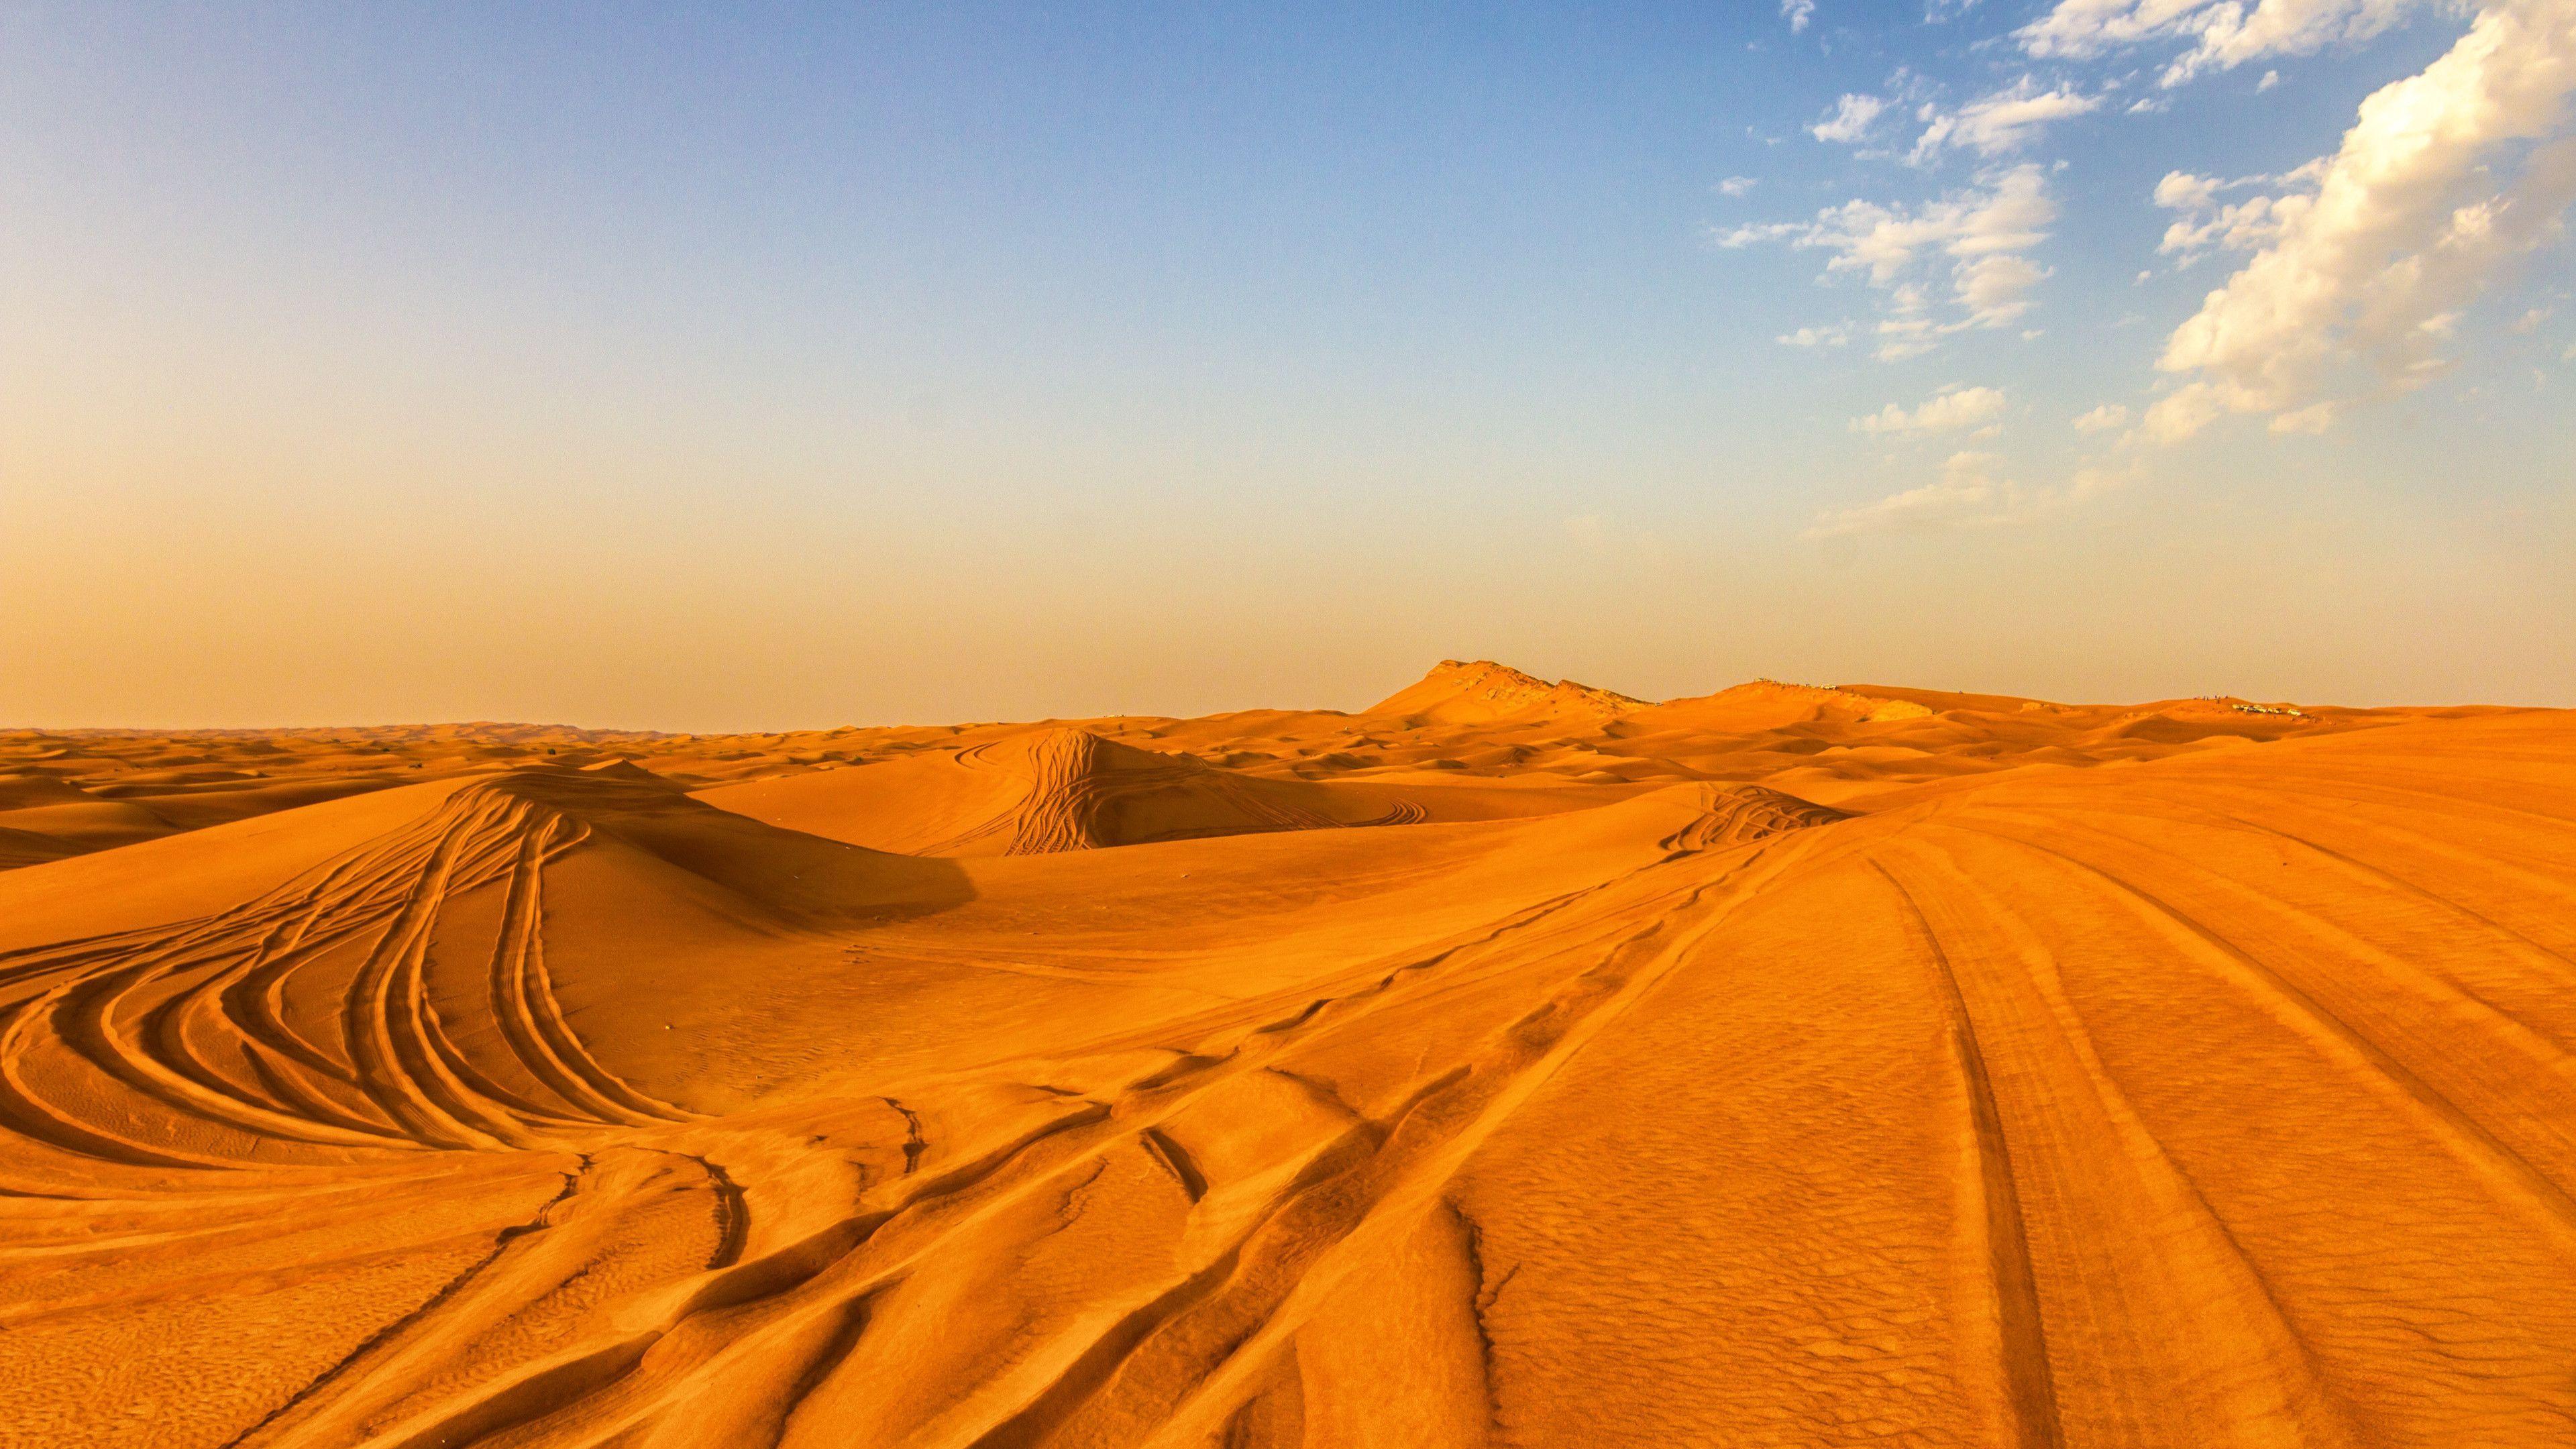 Dubai Desert Wallpapers Top Free Dubai Desert Backgrounds Wallpaperaccess